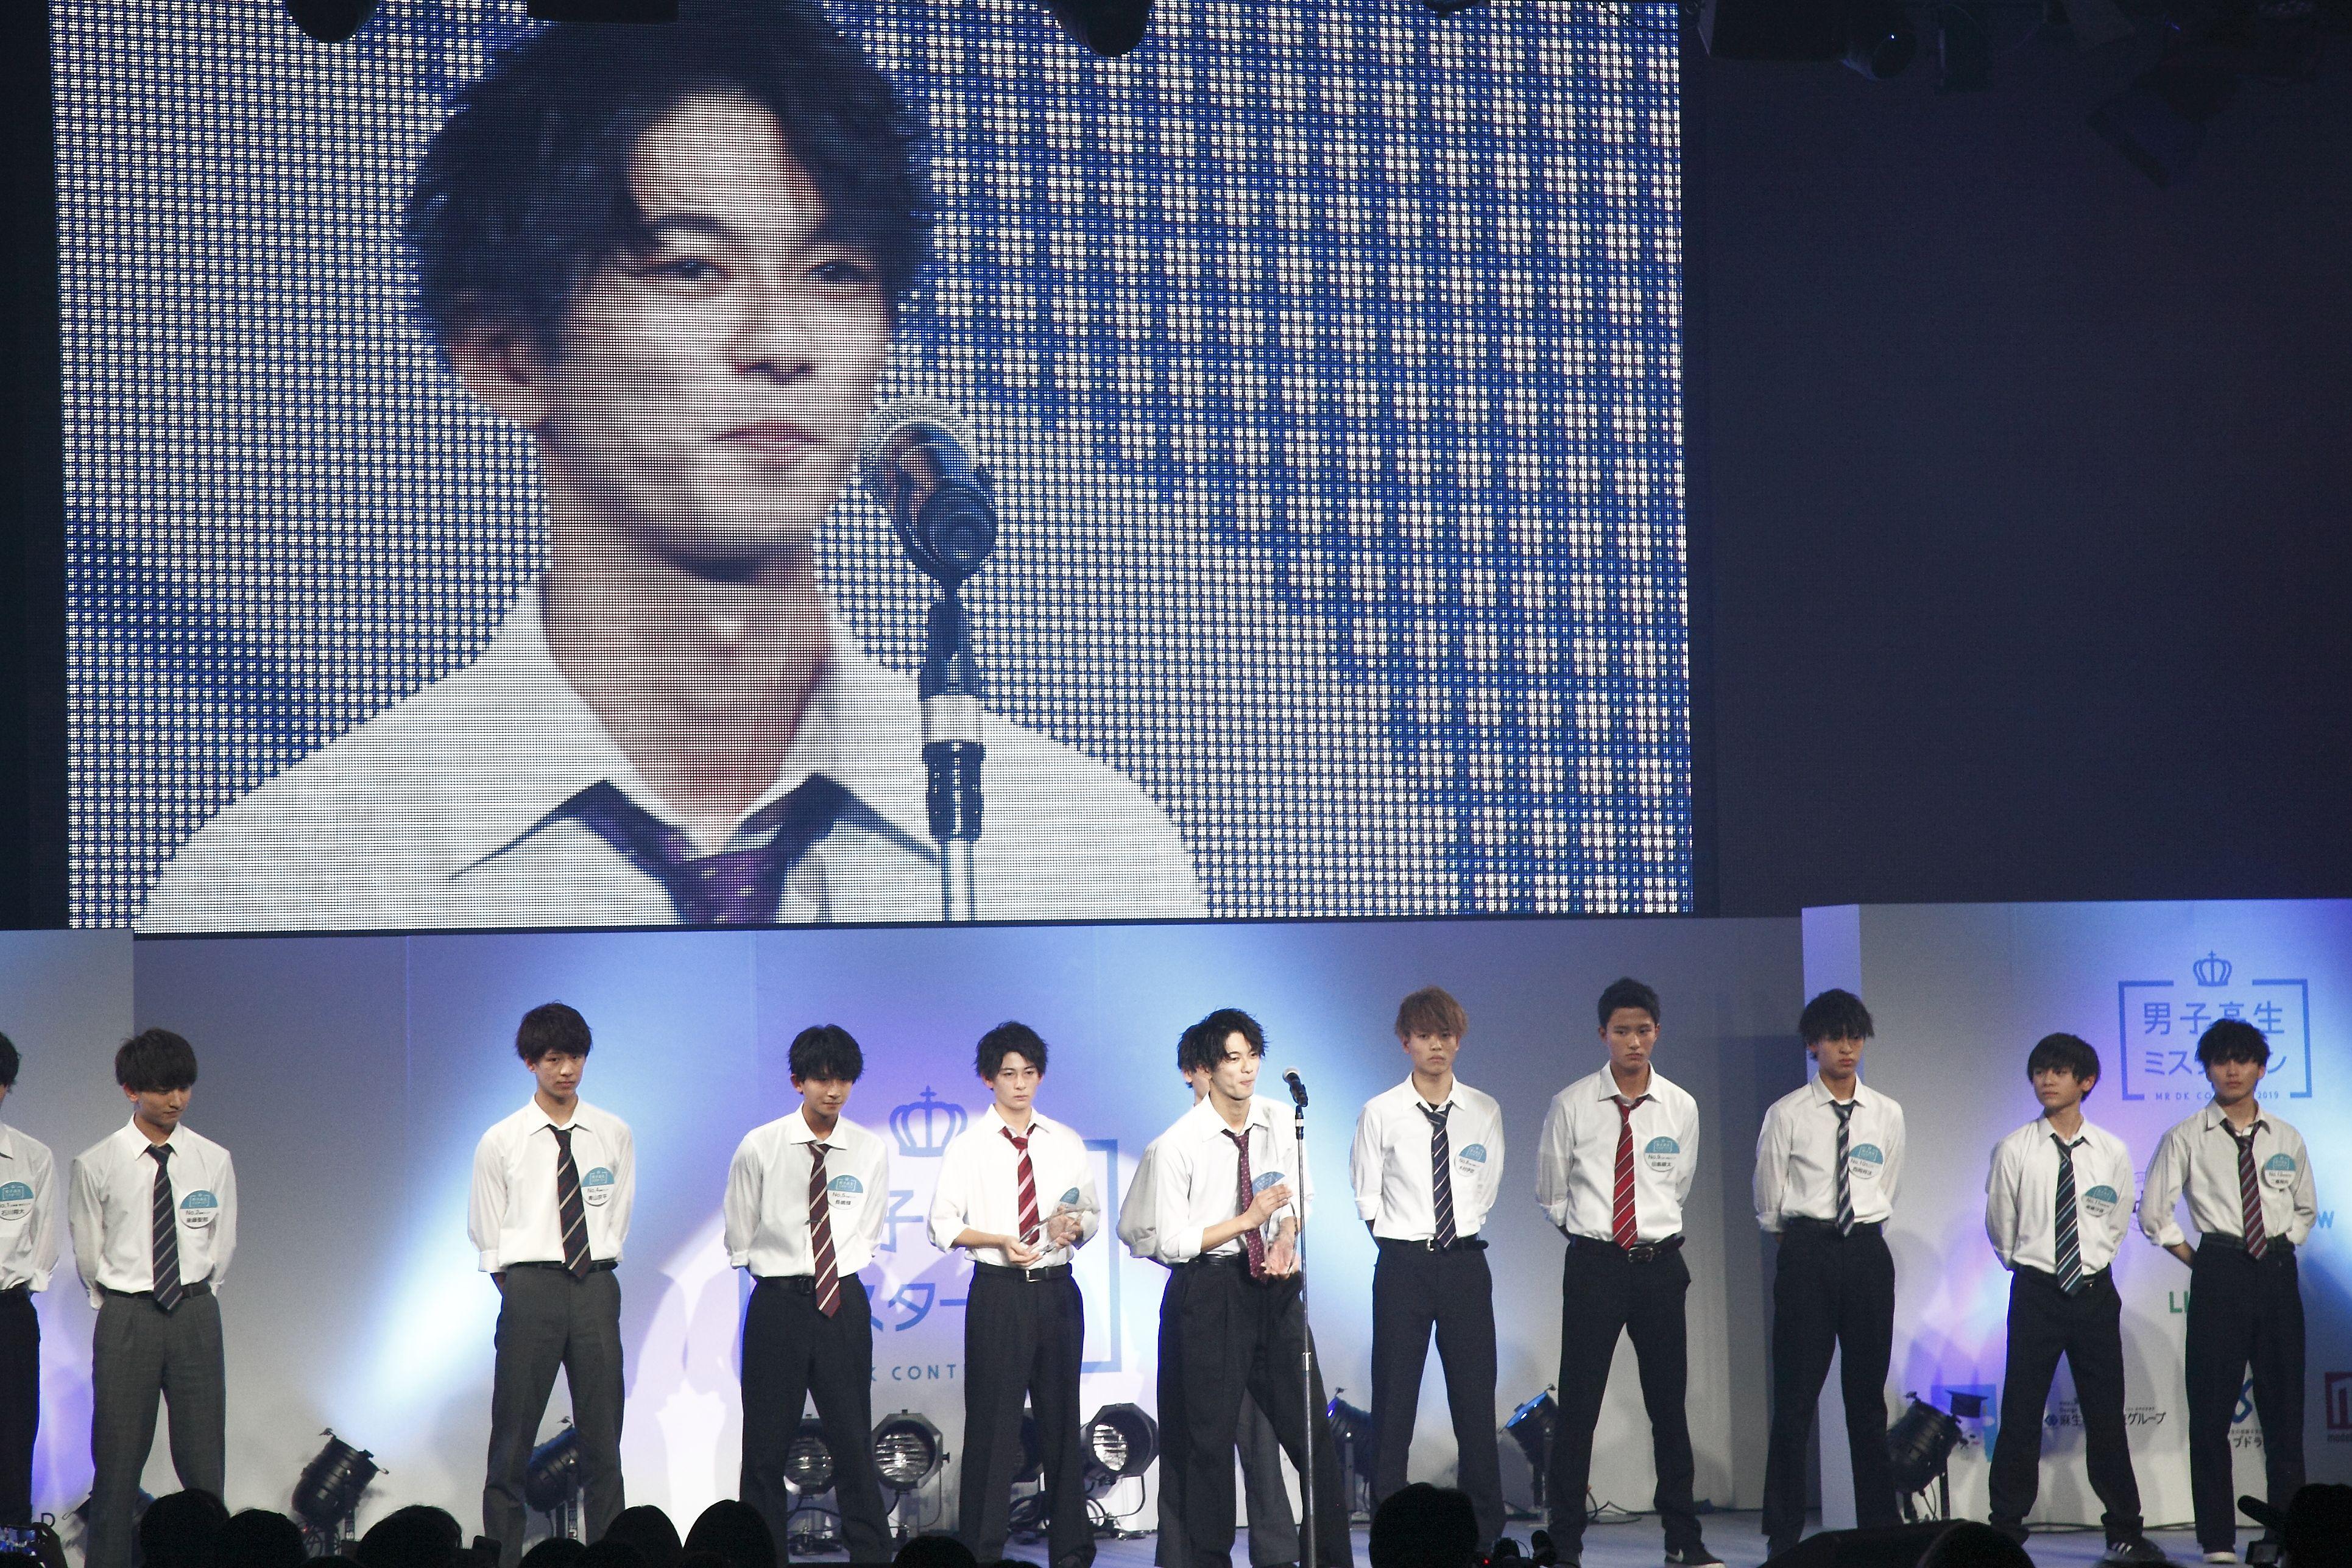 イケメン揃いの中から「日本一のイケメン男子高校生」が決定!の画像005